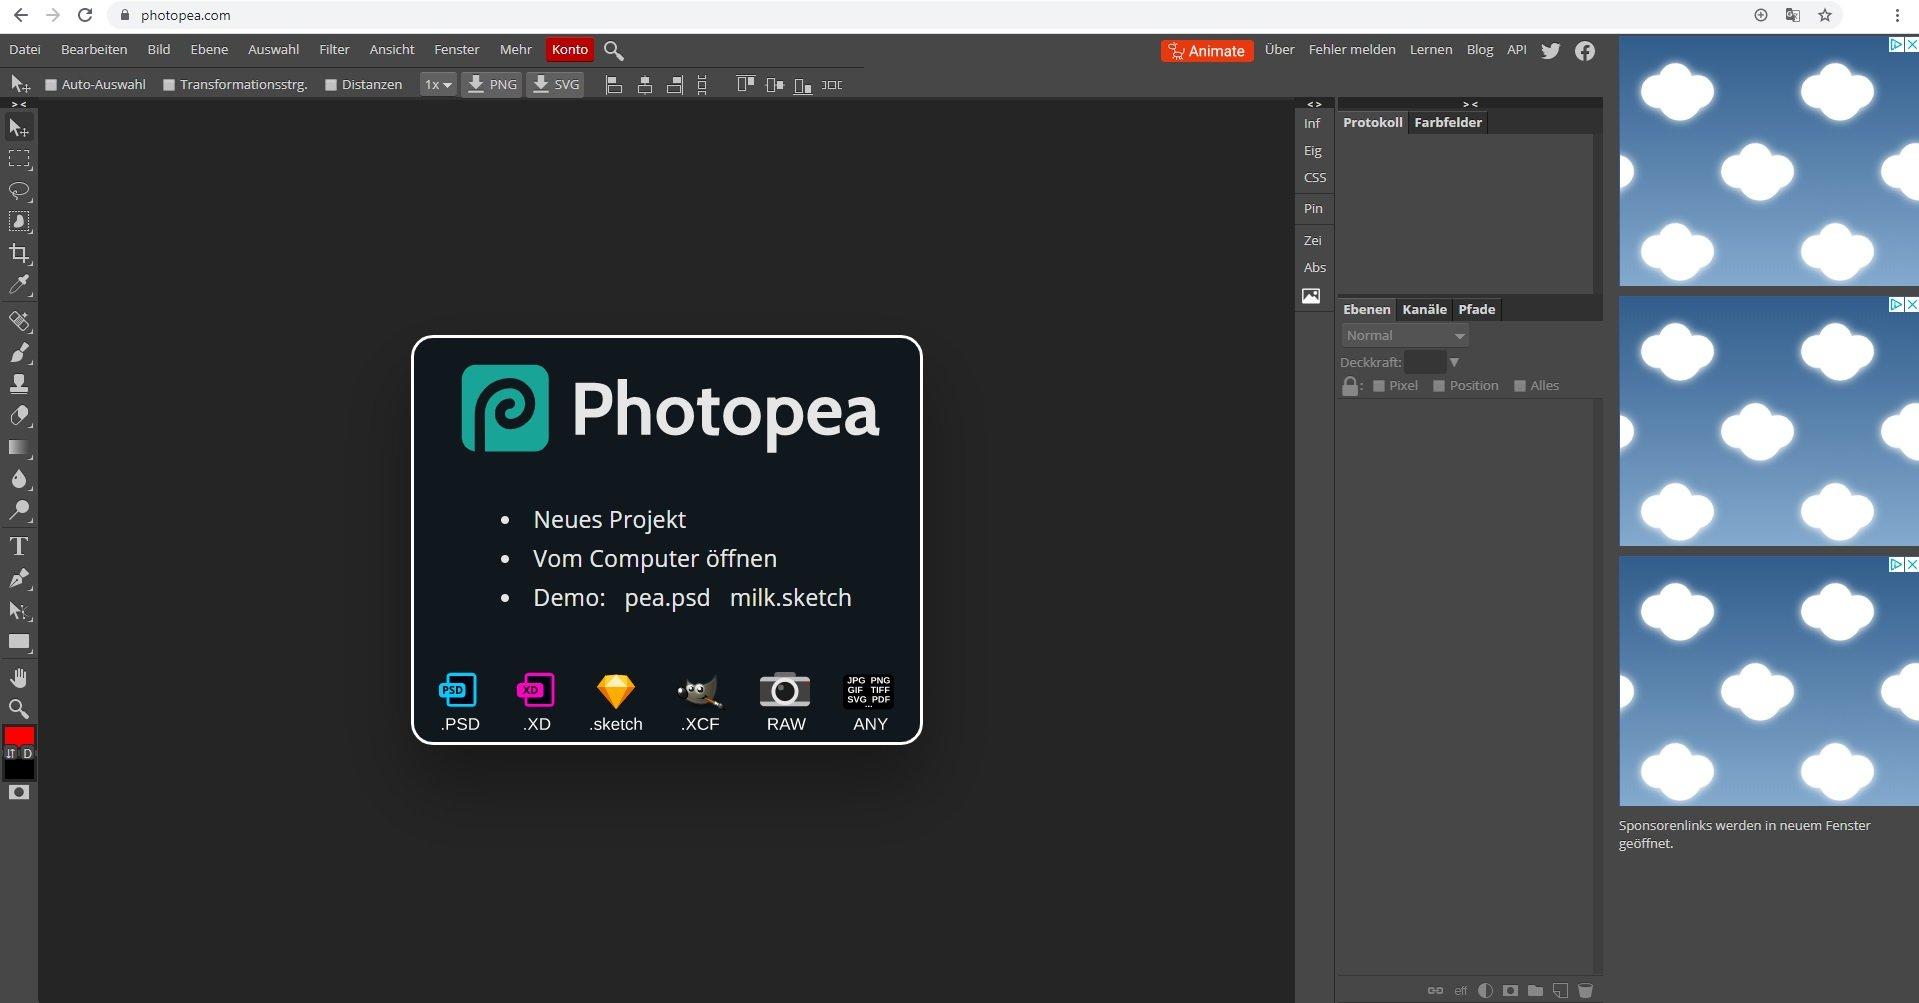 Photopea Der Online Editor für Fotos im Test   WinTotal.de